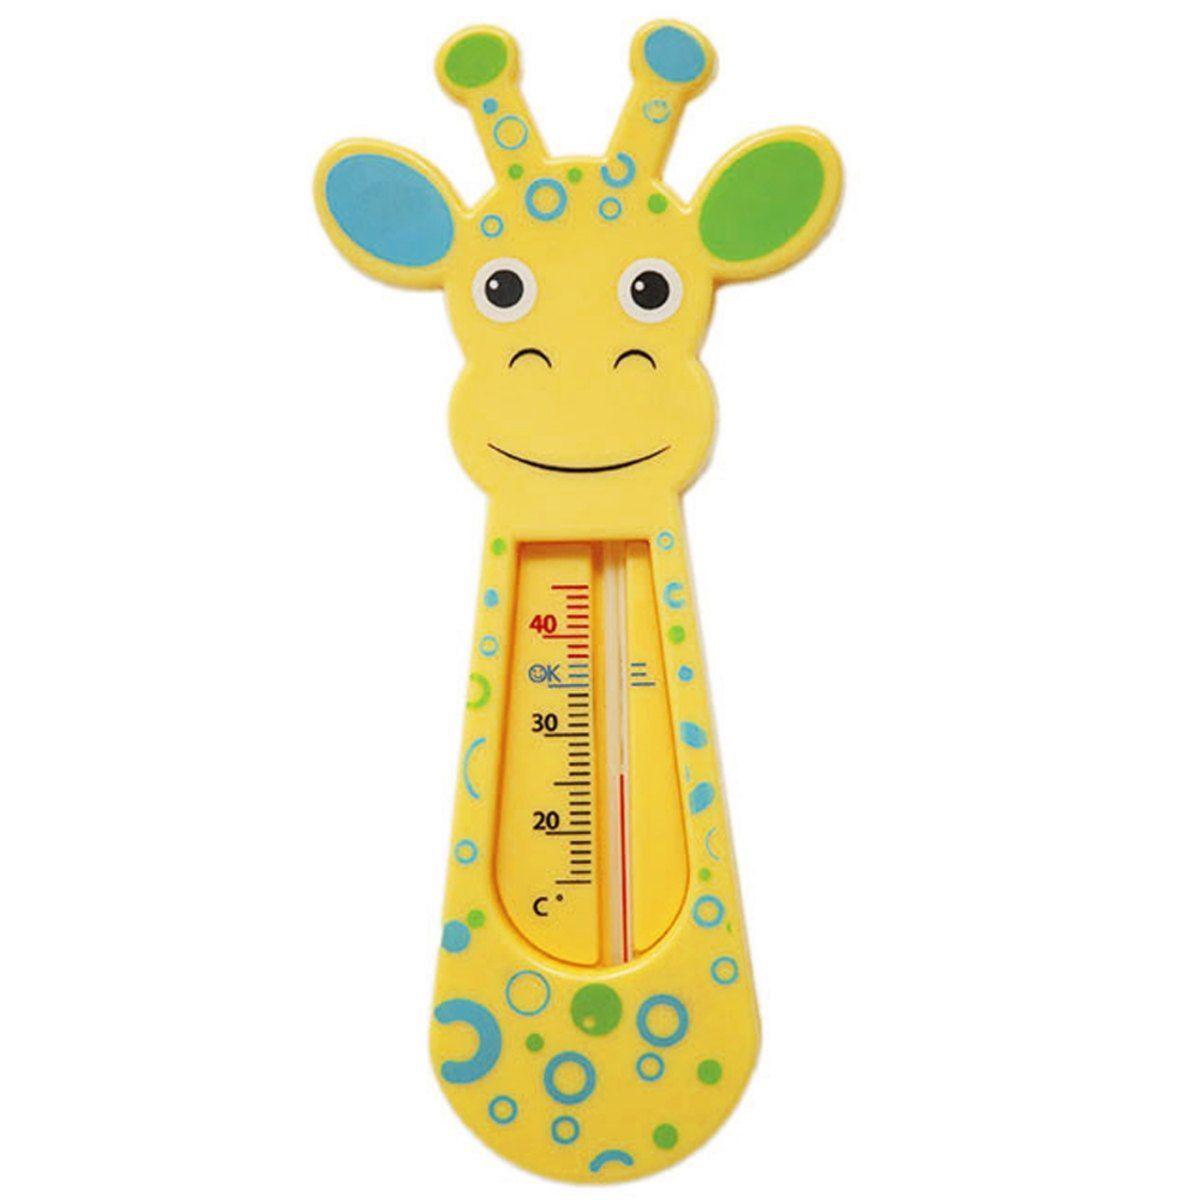 Termômetro para banho Girafinha Buba - Verde e Azul